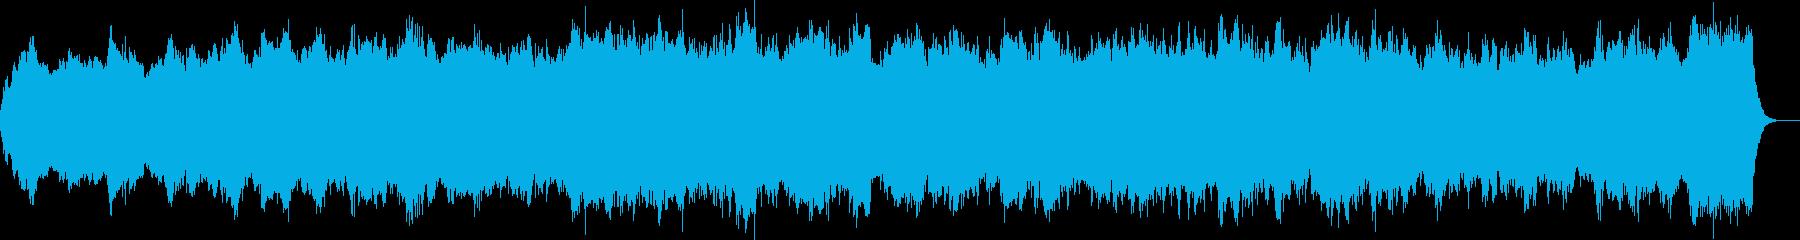 バッハのようなパイプオルガンのオリジナルの再生済みの波形